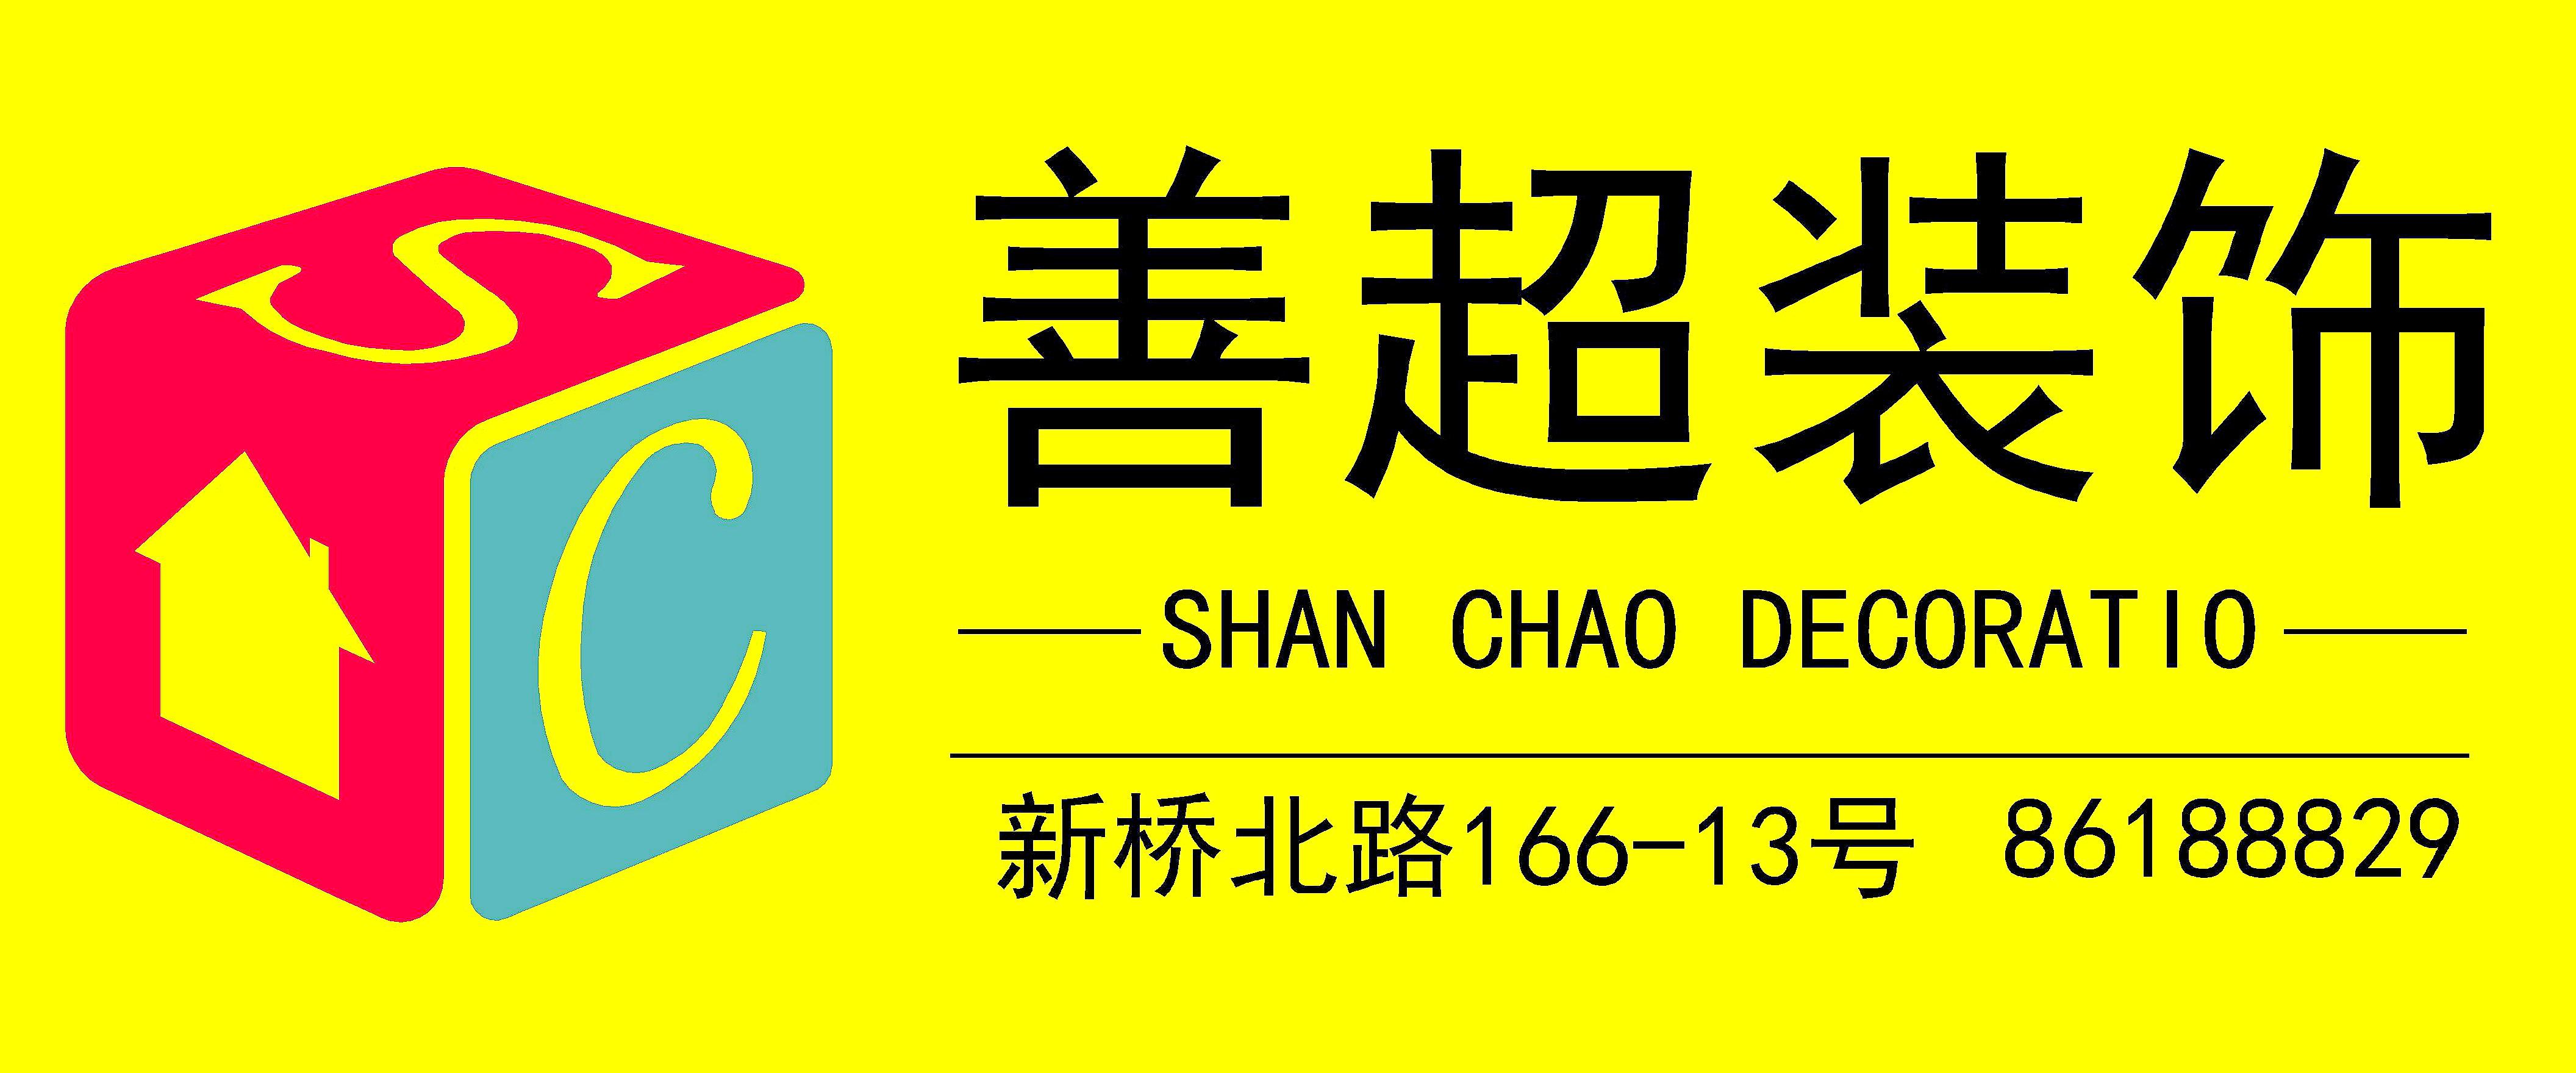 浙江善超建筑装潢工程有限公司